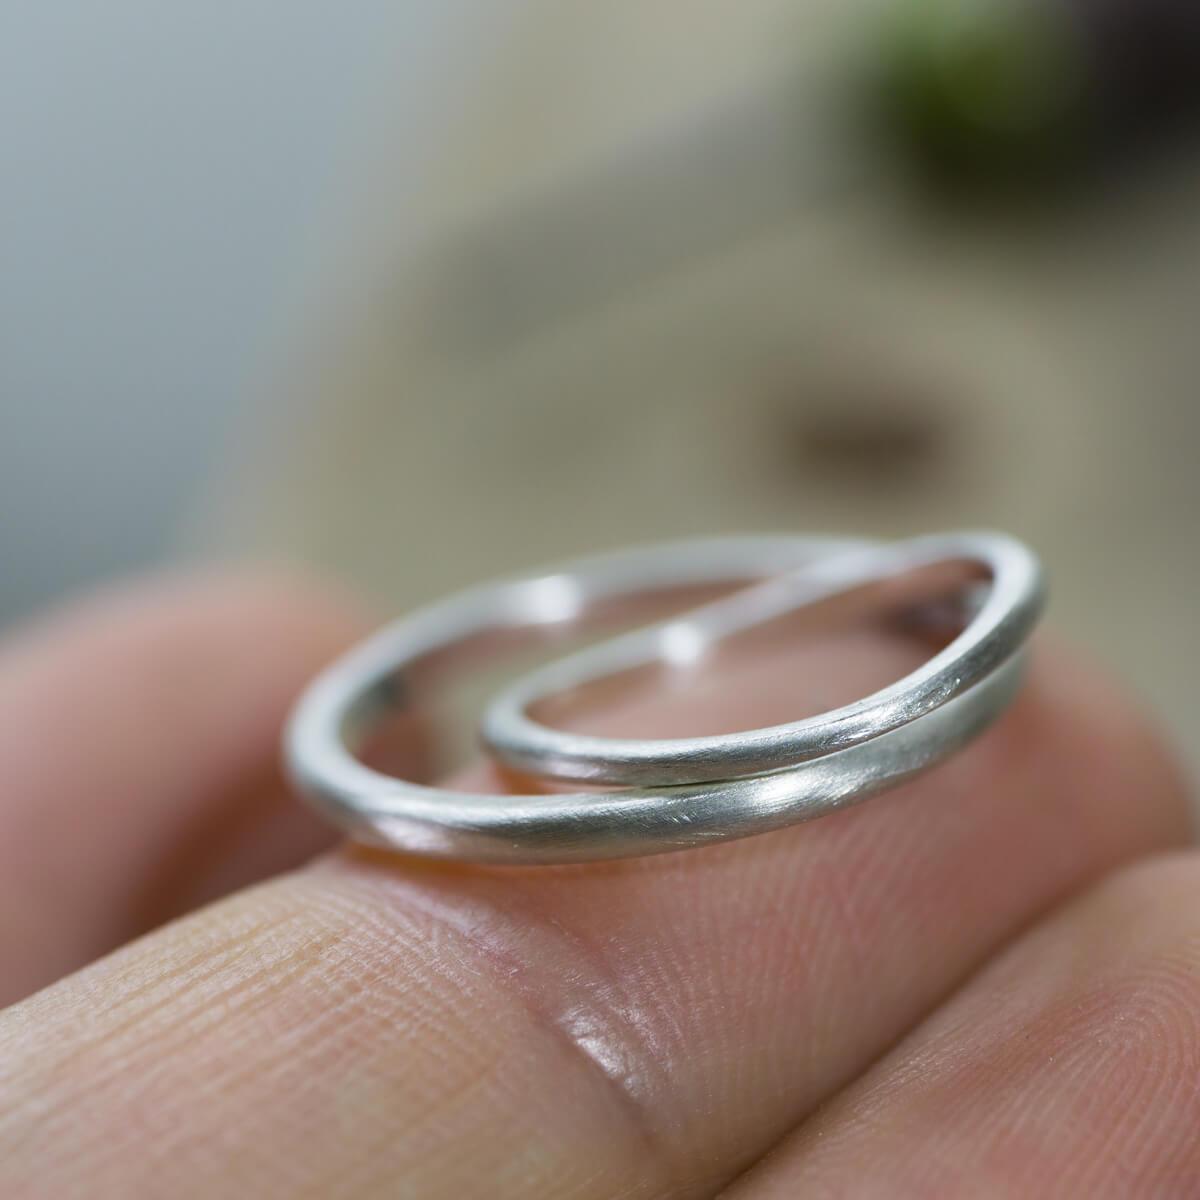 場面5 オーダーメイド結婚指輪 サンプルリングの制作風景 シルバー 屋久島でつくる結婚指輪